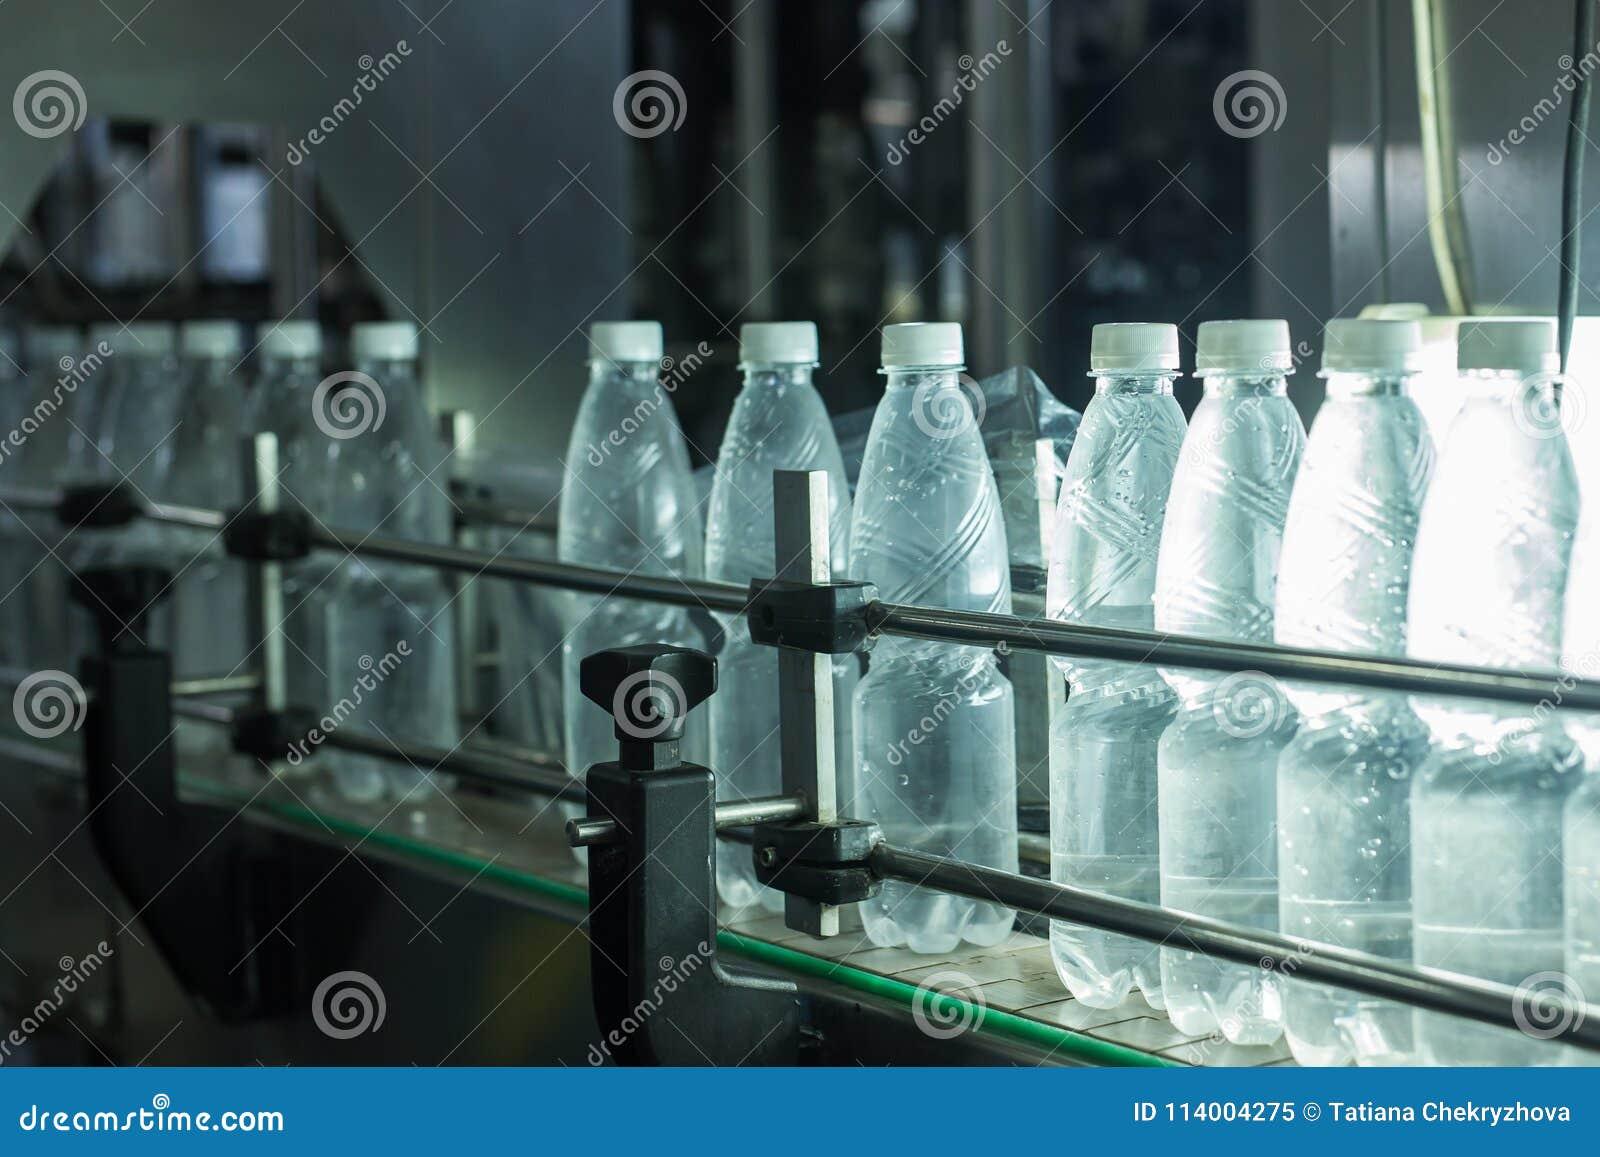 水工厂-处理和装瓶的纯净的泉水水瓶线入小瓶